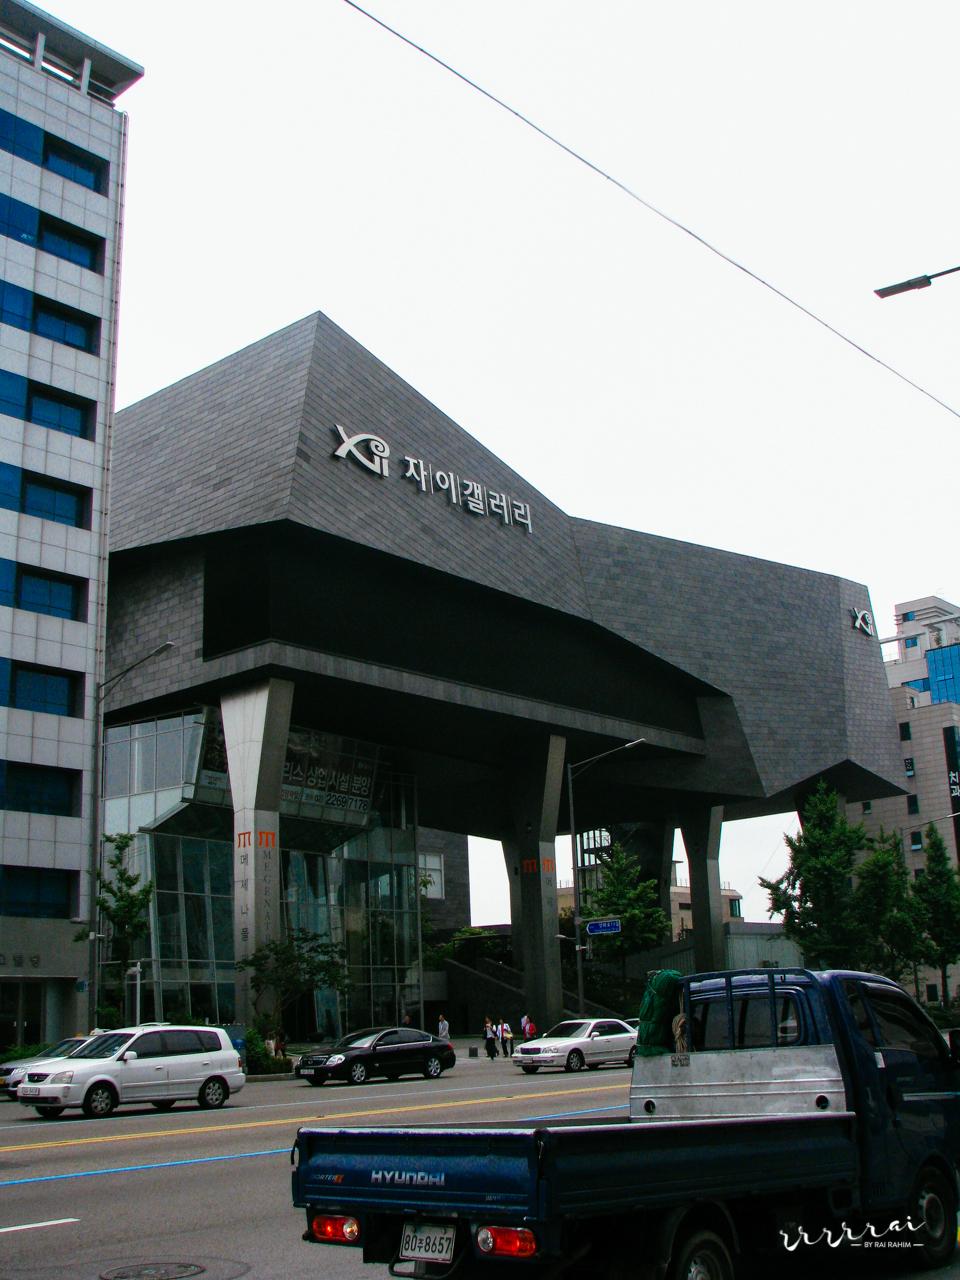 120915-seoul-searching-25.jpg